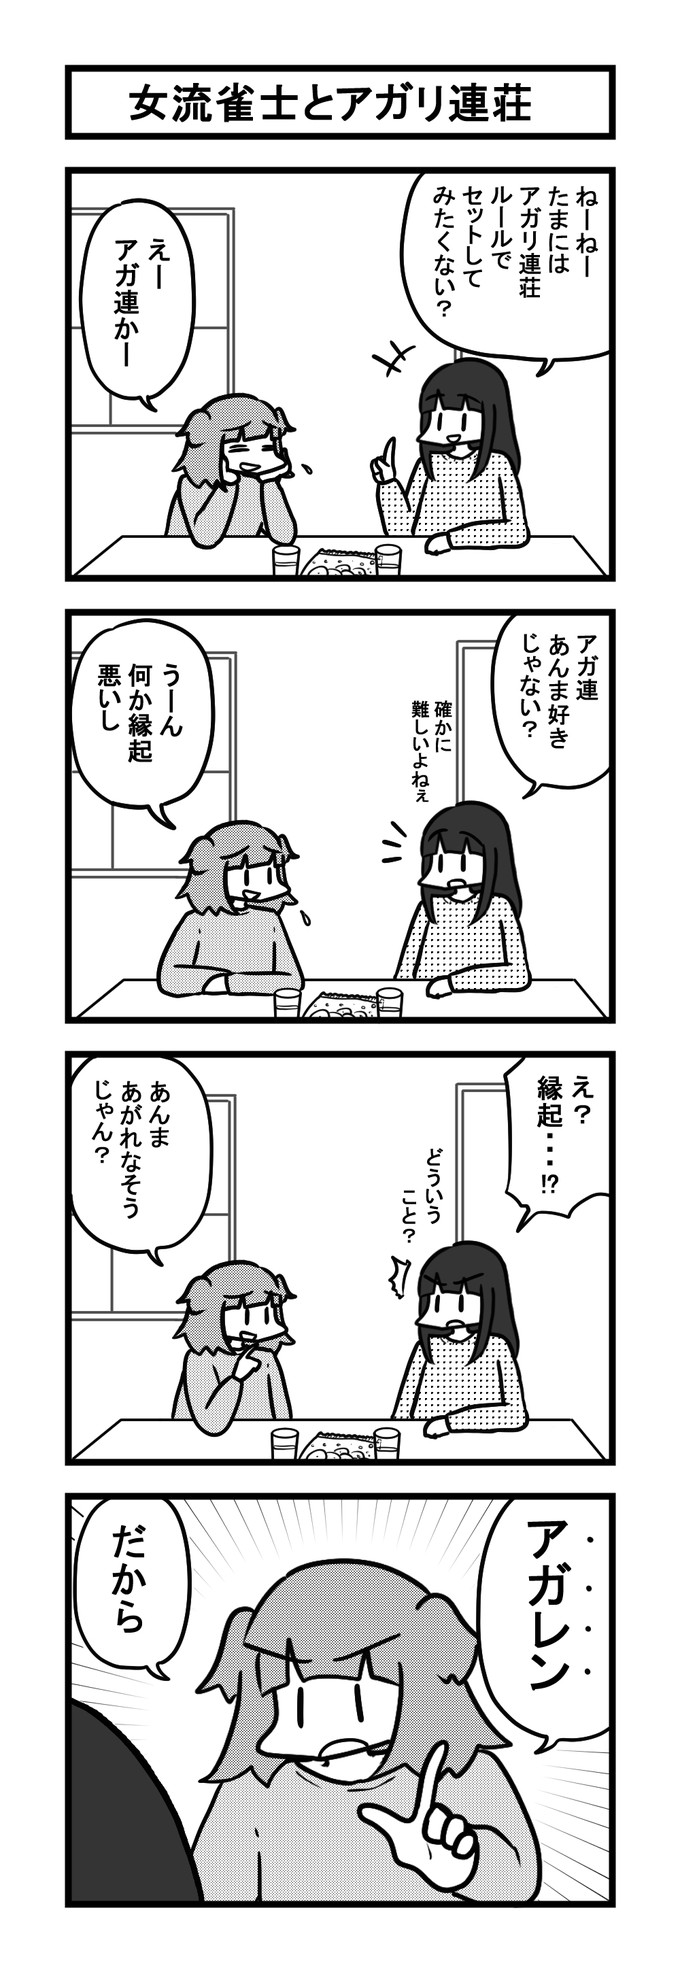 936女流雀士とアガリ連荘-min